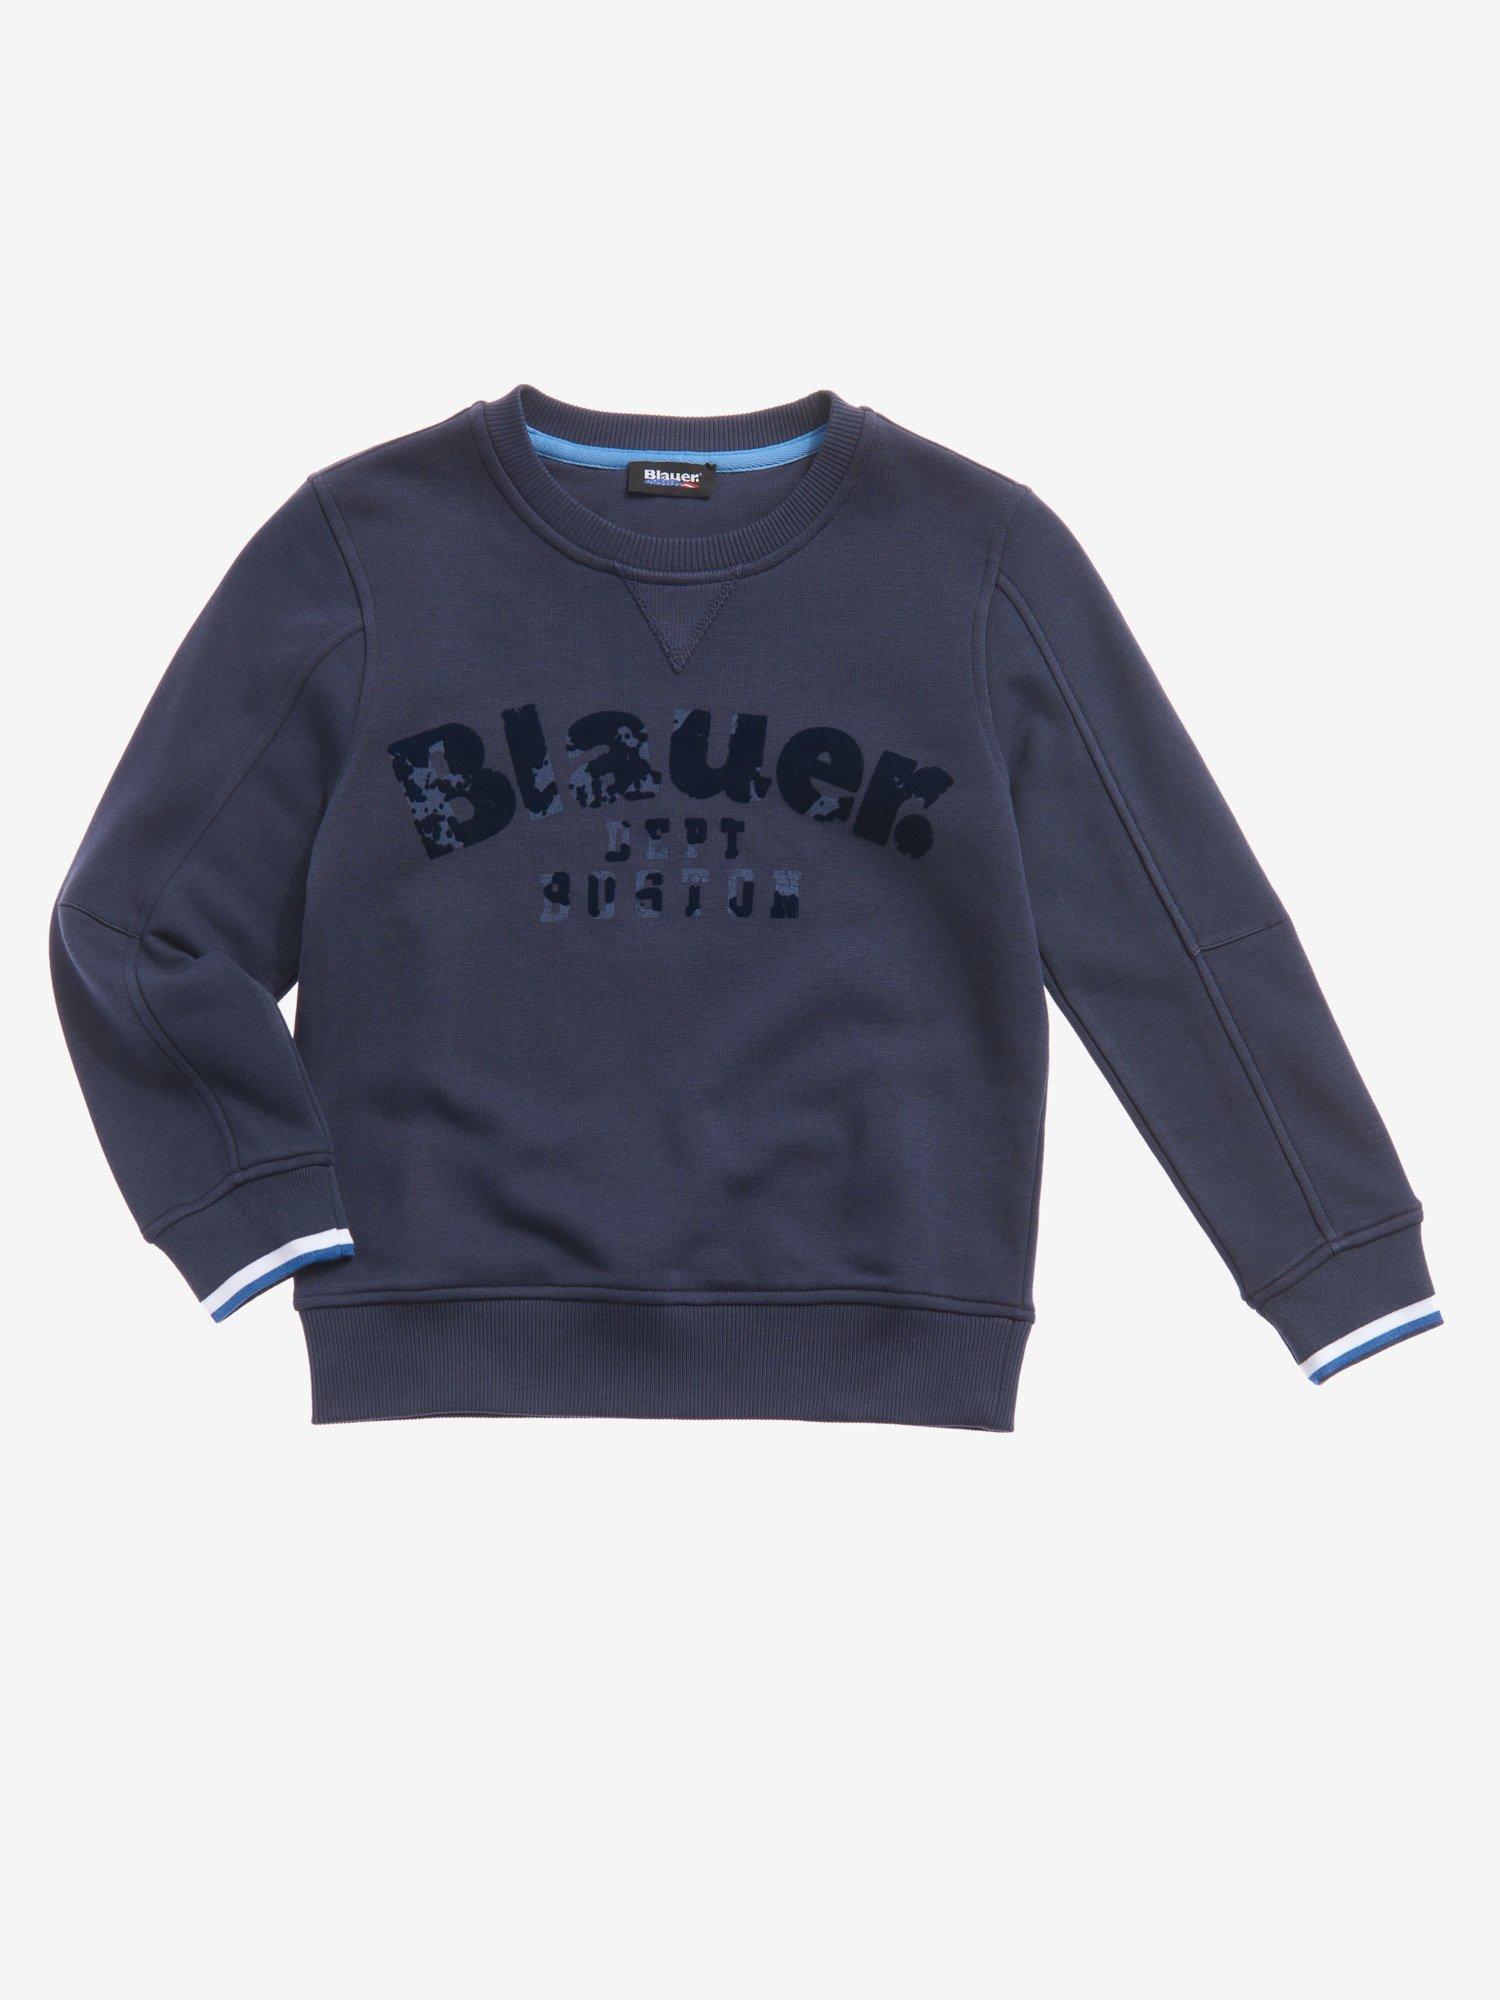 Blauer - CREW NECK SWEATSHIRT - Dark Sapphire - Blauer